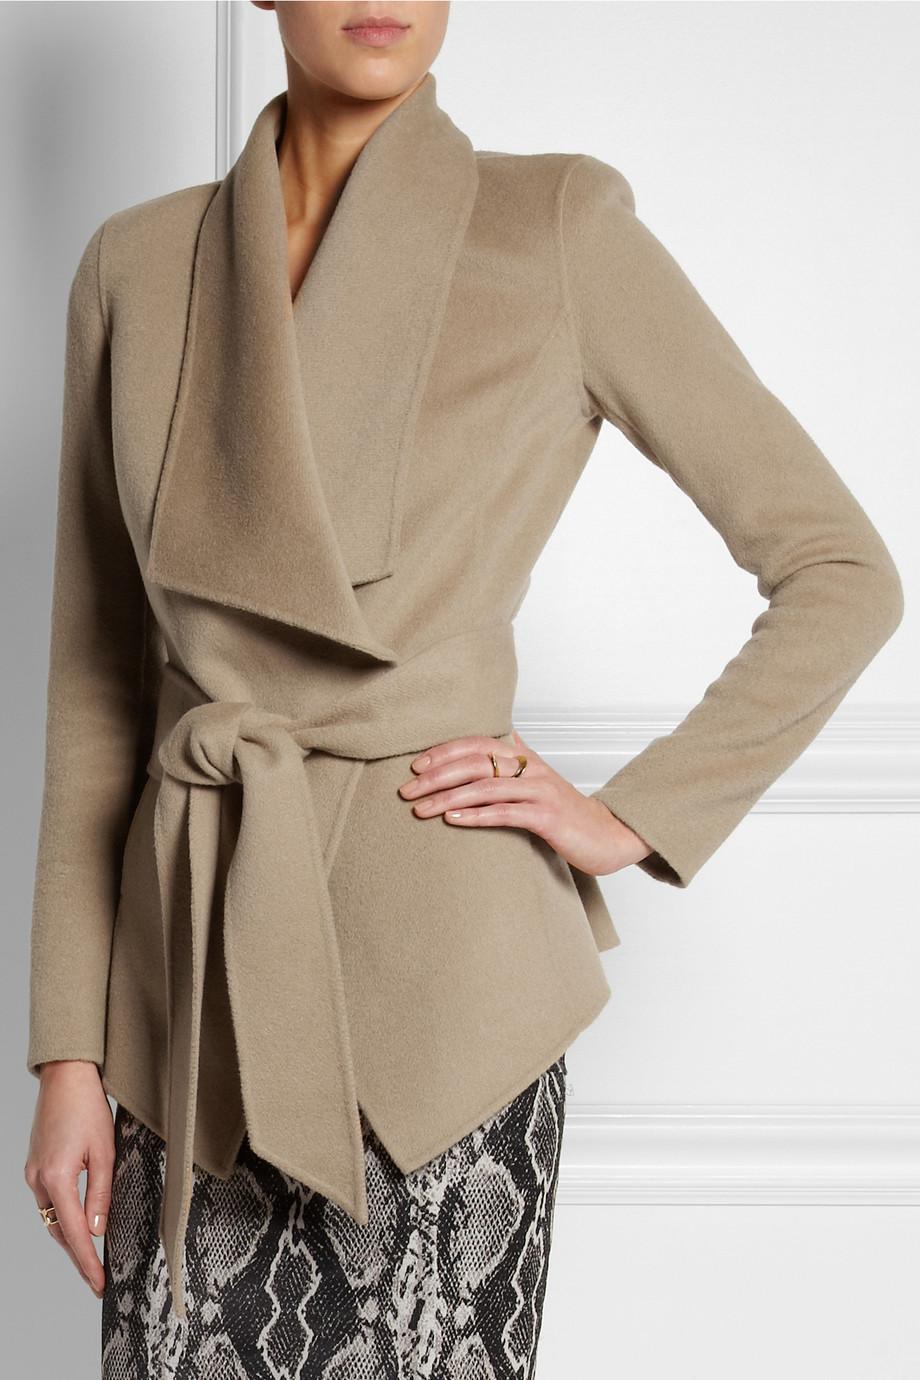 Donna karan Belted Cashmere Jacket in Natural | Lyst